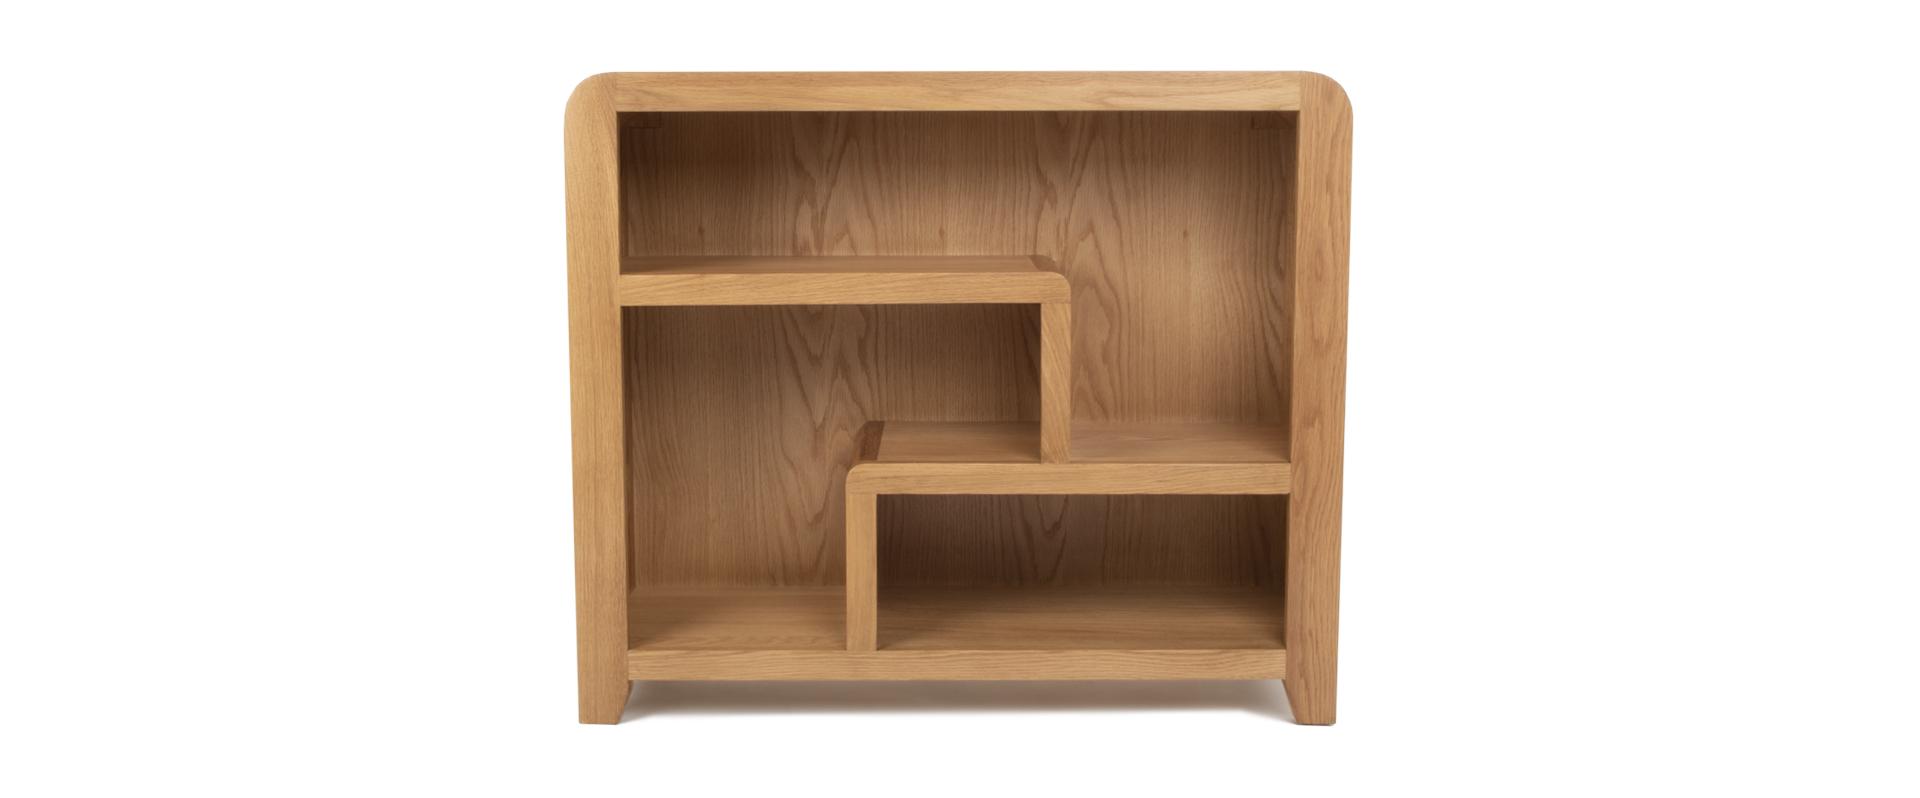 Curve Small Bookcase